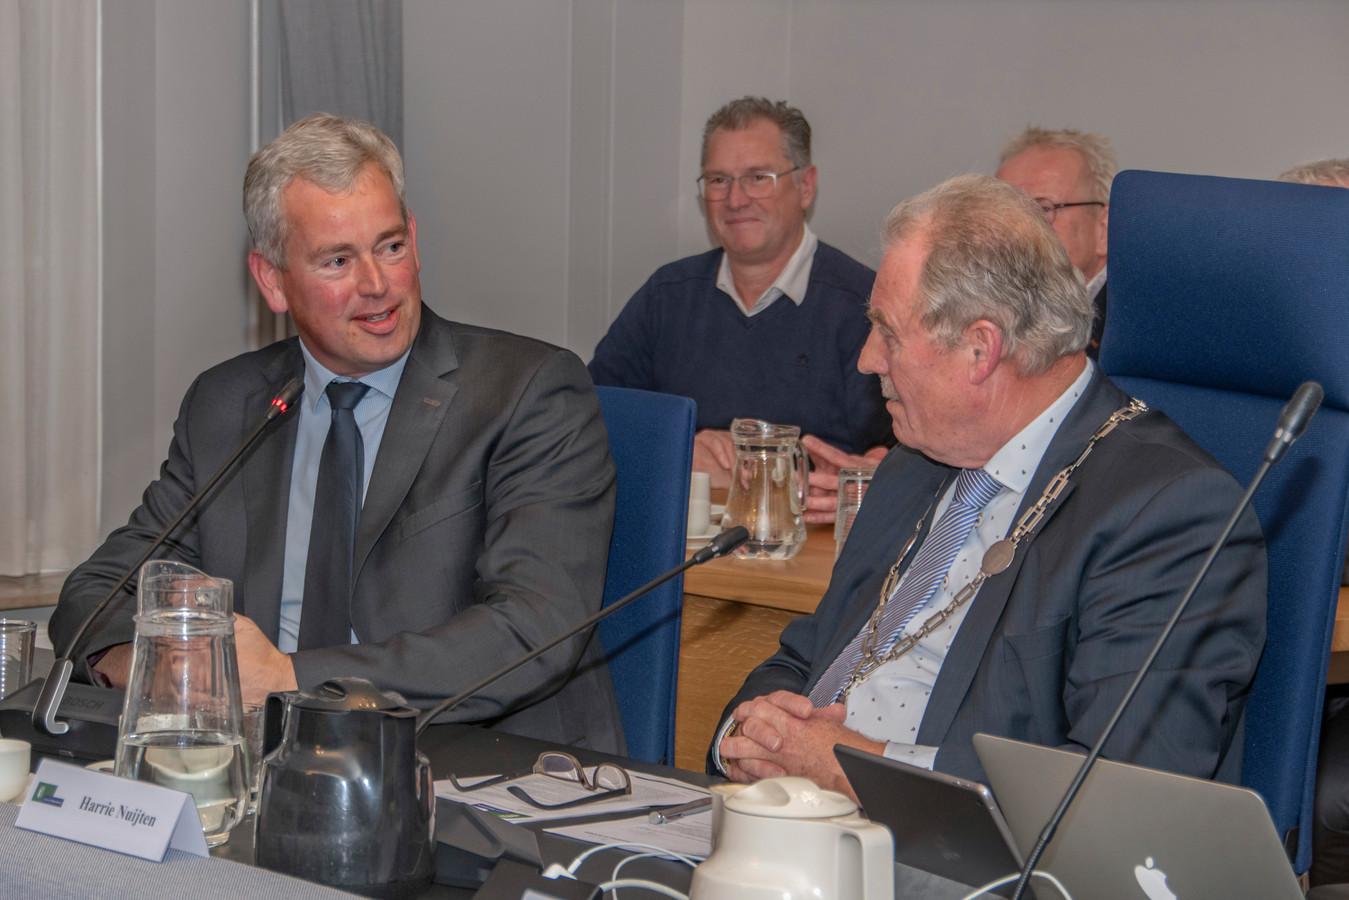 Maarten van de Donk, die zich inmiddels heeft teruggetrokken als nieuwe burgemeester van Hilvarenbeek, links naast waarnemend burgemeester Harrie Nuijten.